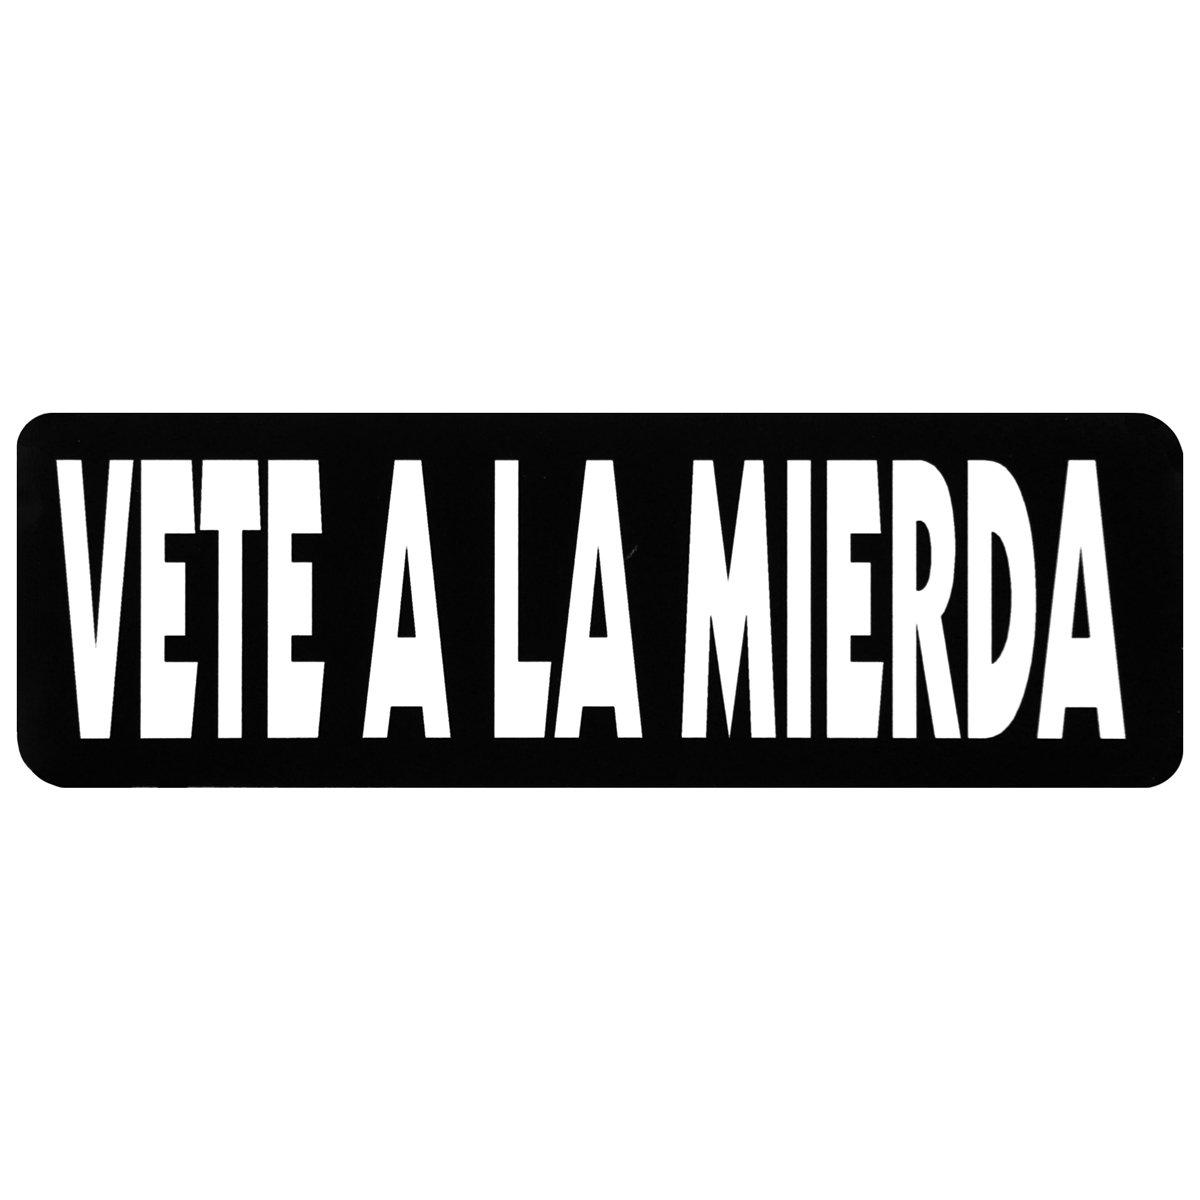 VETE A LA MIERDA, Motorcycle HELMET Sticker Decal - 4' X 1' Motorcycle HELMET Sticker Decal - 4 X 1 Officially Licensed Originals